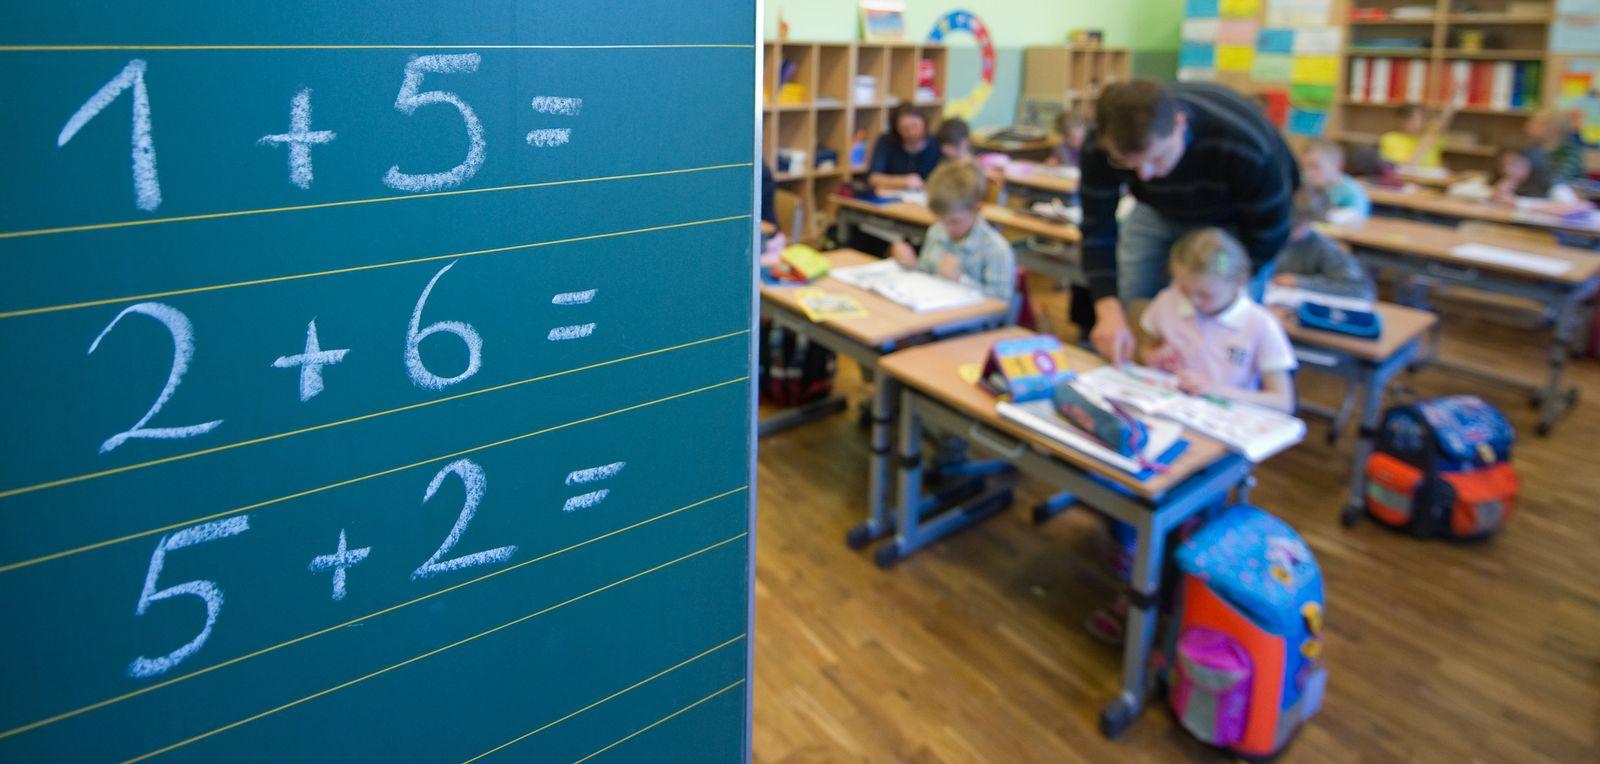 Schulreform Volksentscheid Hamburg Tafel Grundschule Grundschüler